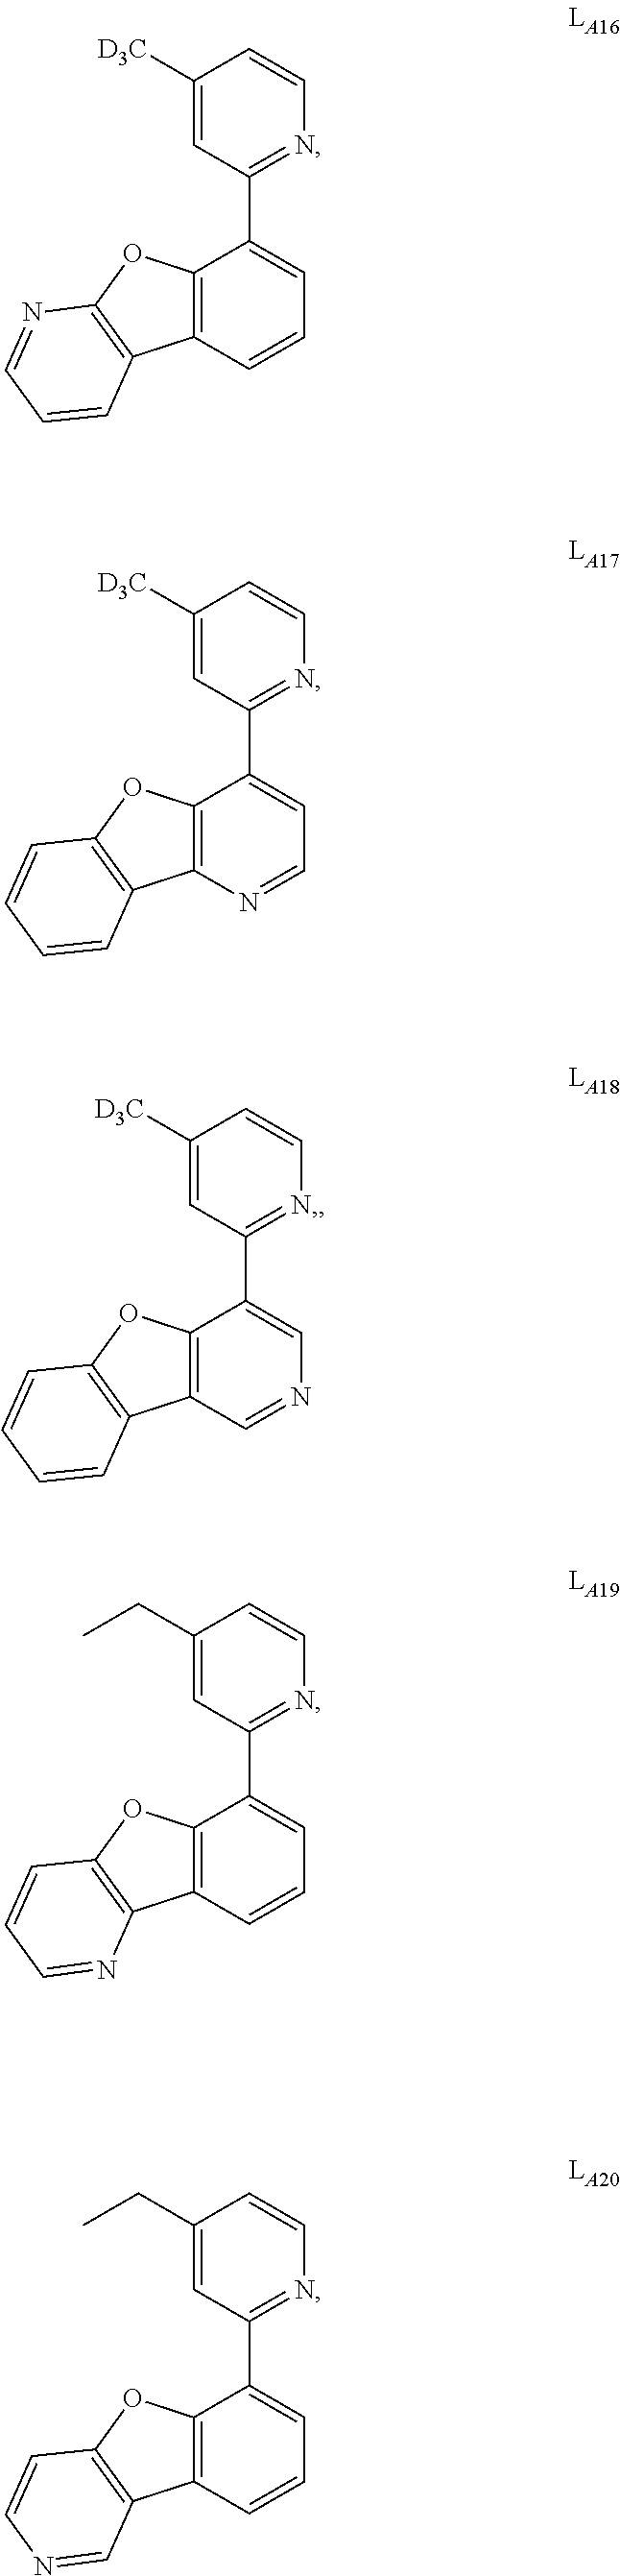 Figure US09634264-20170425-C00052